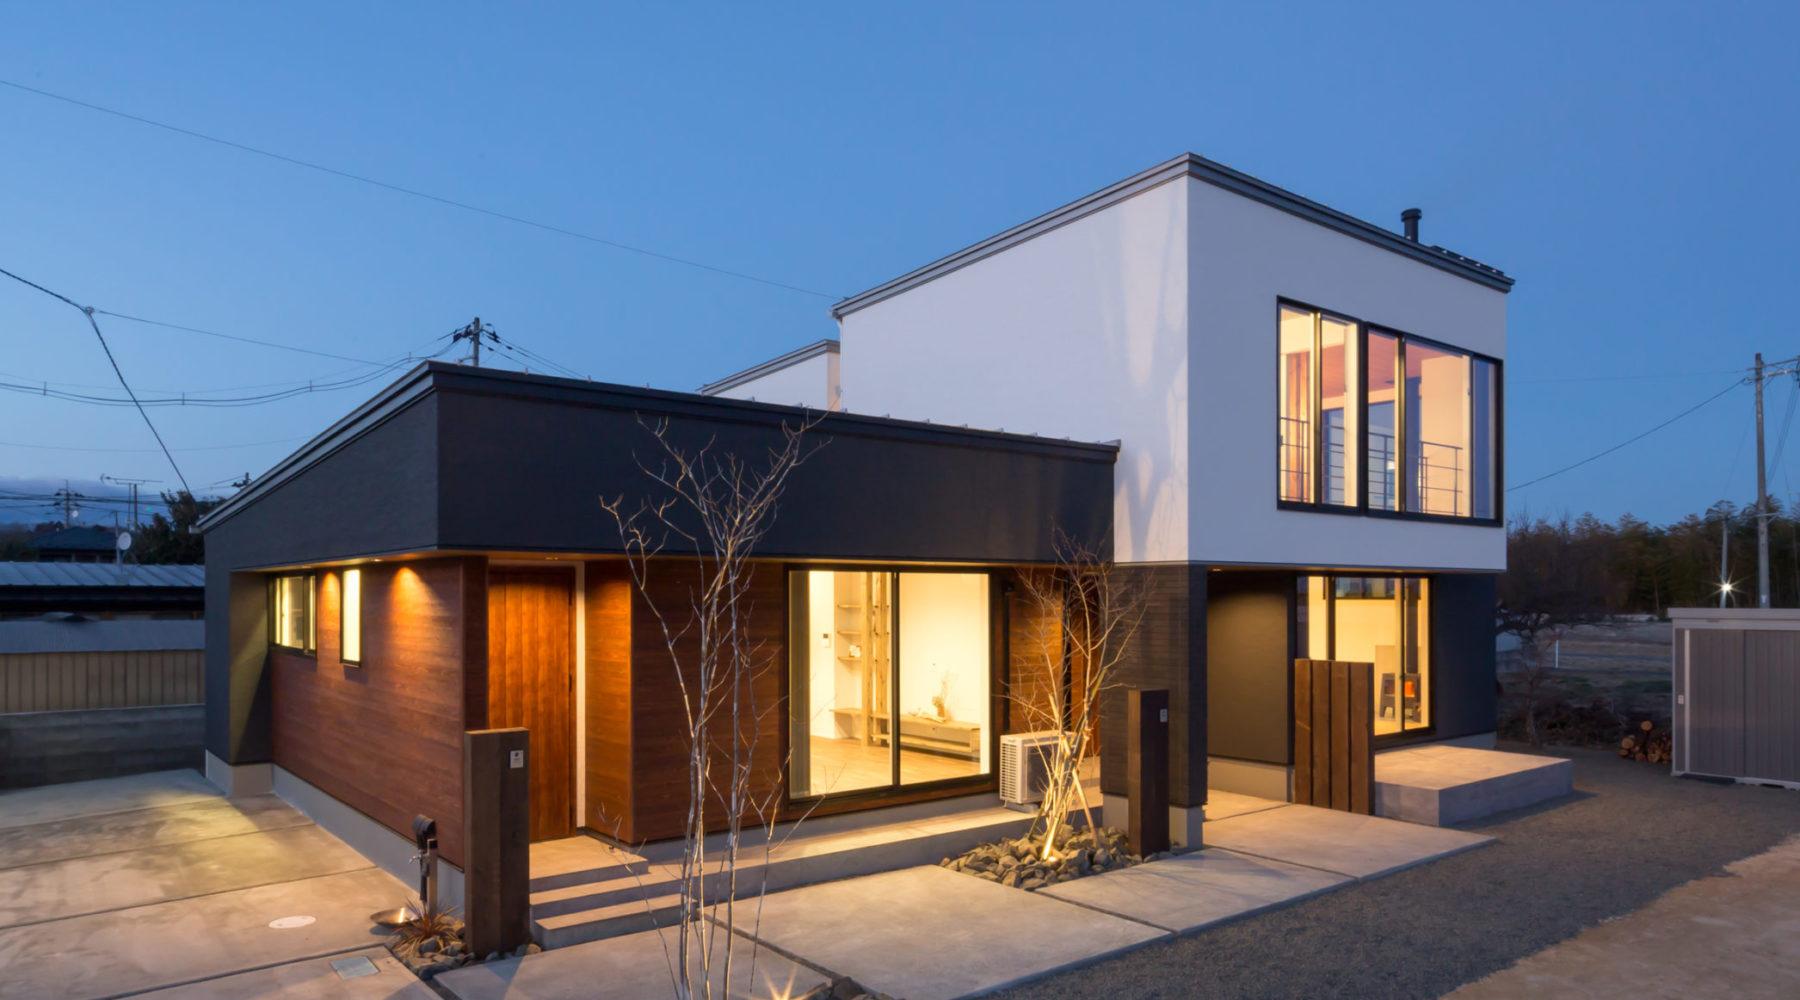 株式会社 建舎団居 STUDIO MADOI 愛子中央西の家 2021/3 竣工